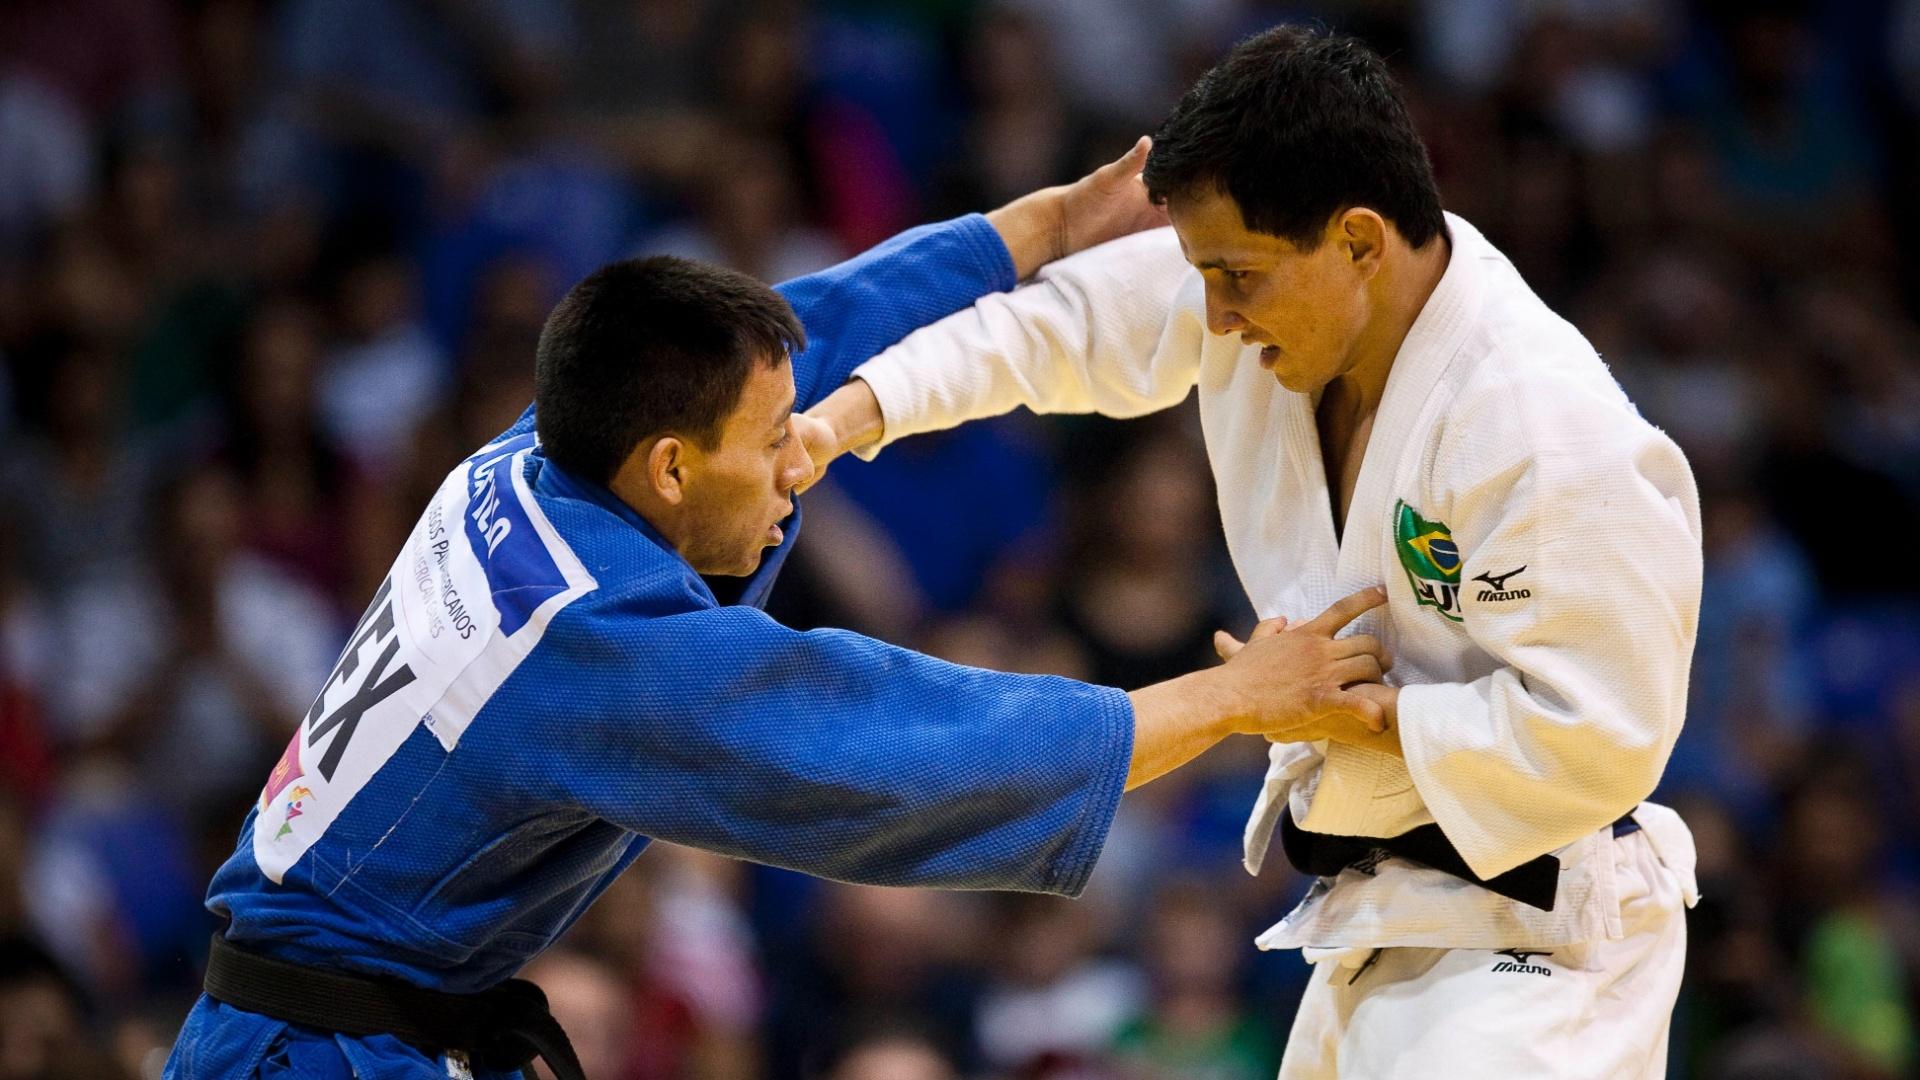 Felipe Kitadai (de branco) levou o ouro no judô, categoria até 60kg (29/10/2011)